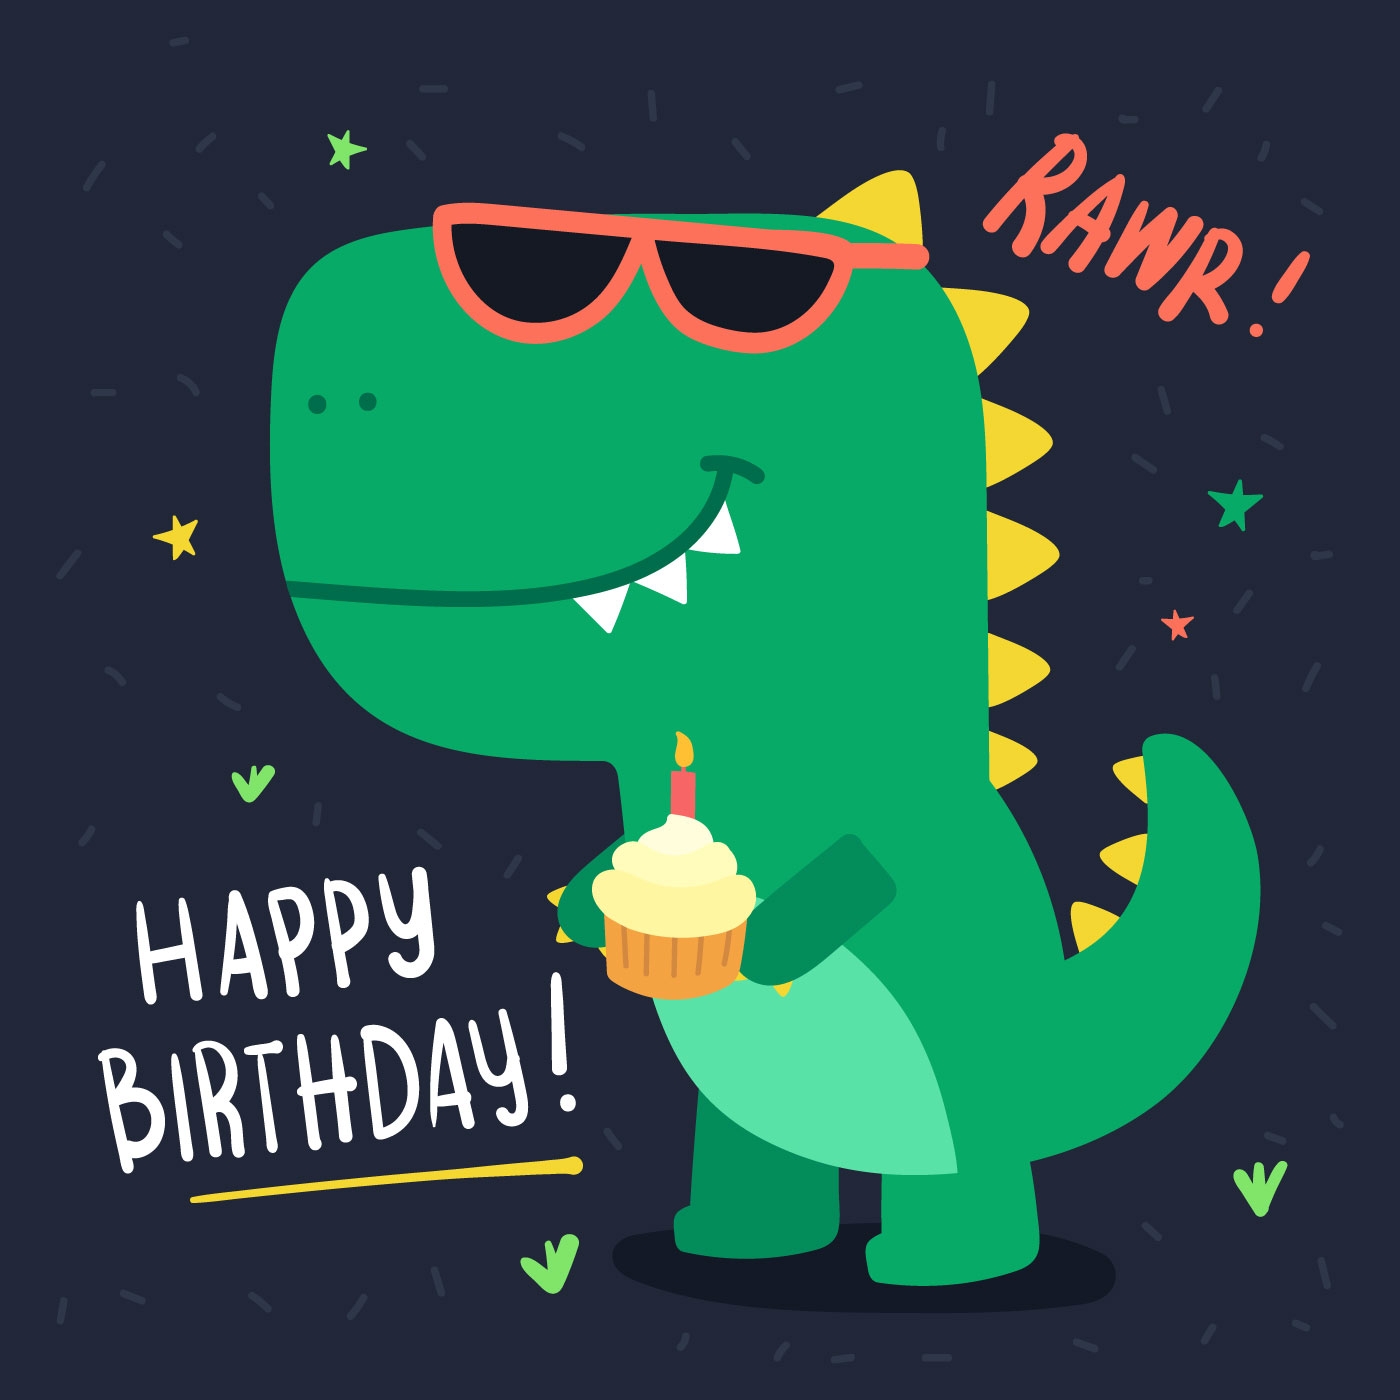 cute dinosaur birthday card 545842 vector art at vecteezy